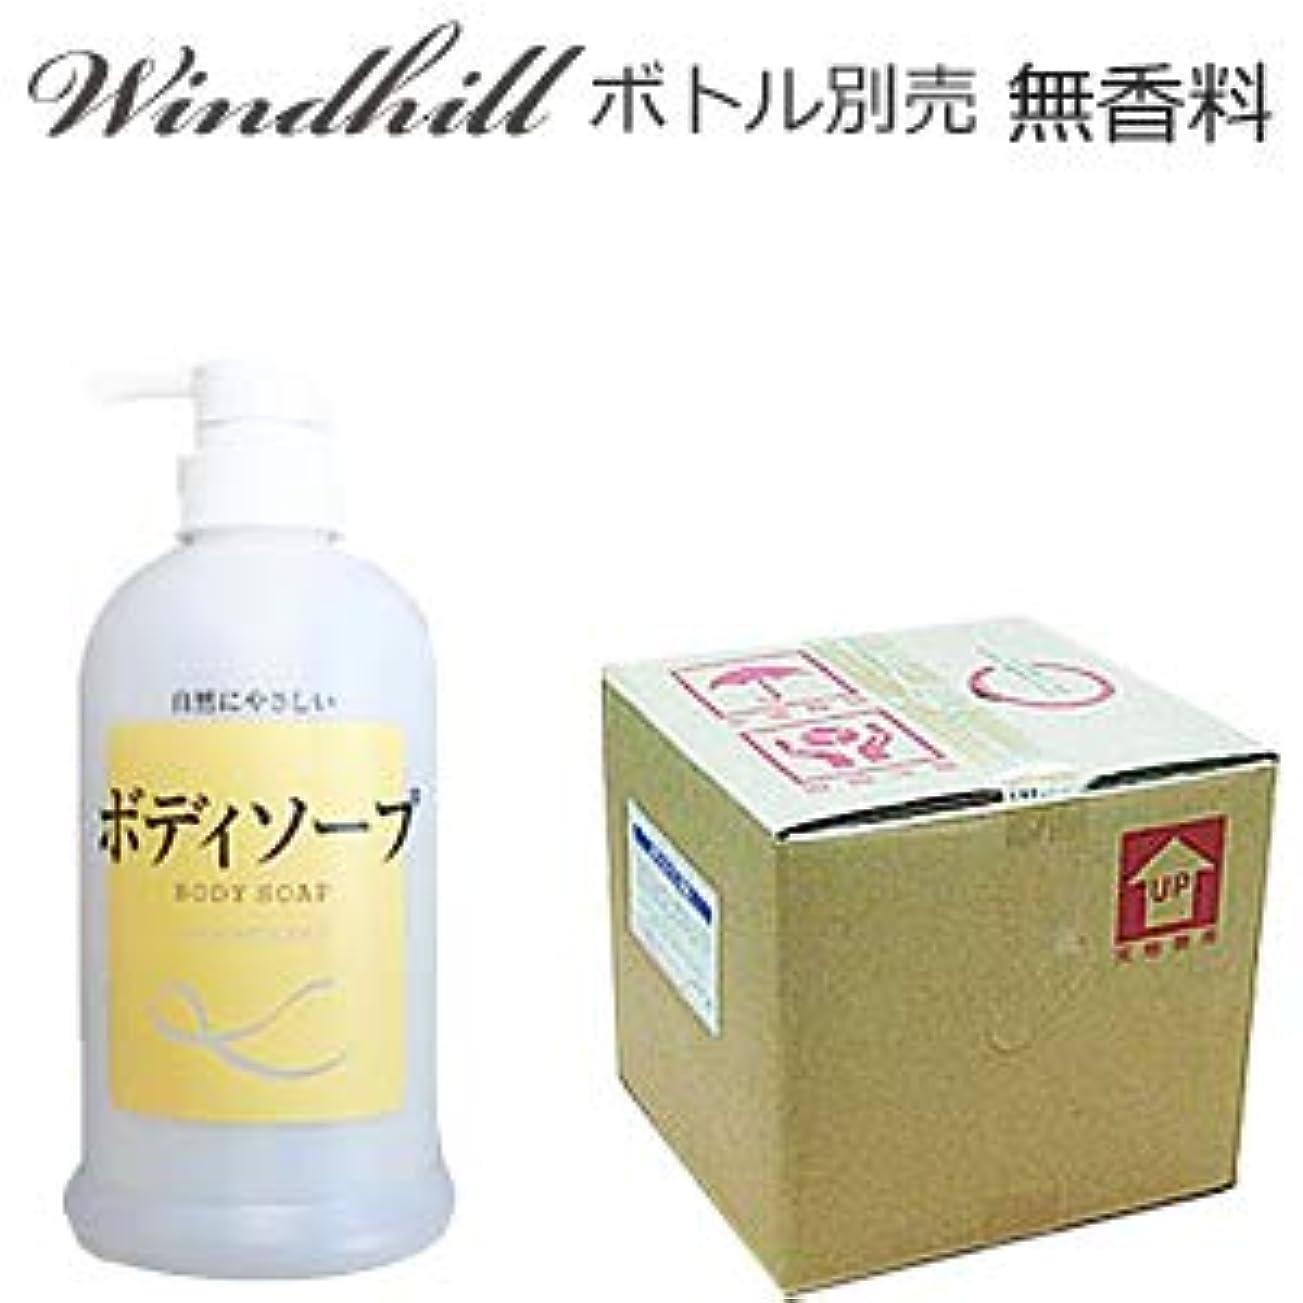 マウスピース正確柔らかいWindhill 植物性 業務用ボディソープ 無香料 20L(1セット20L入)